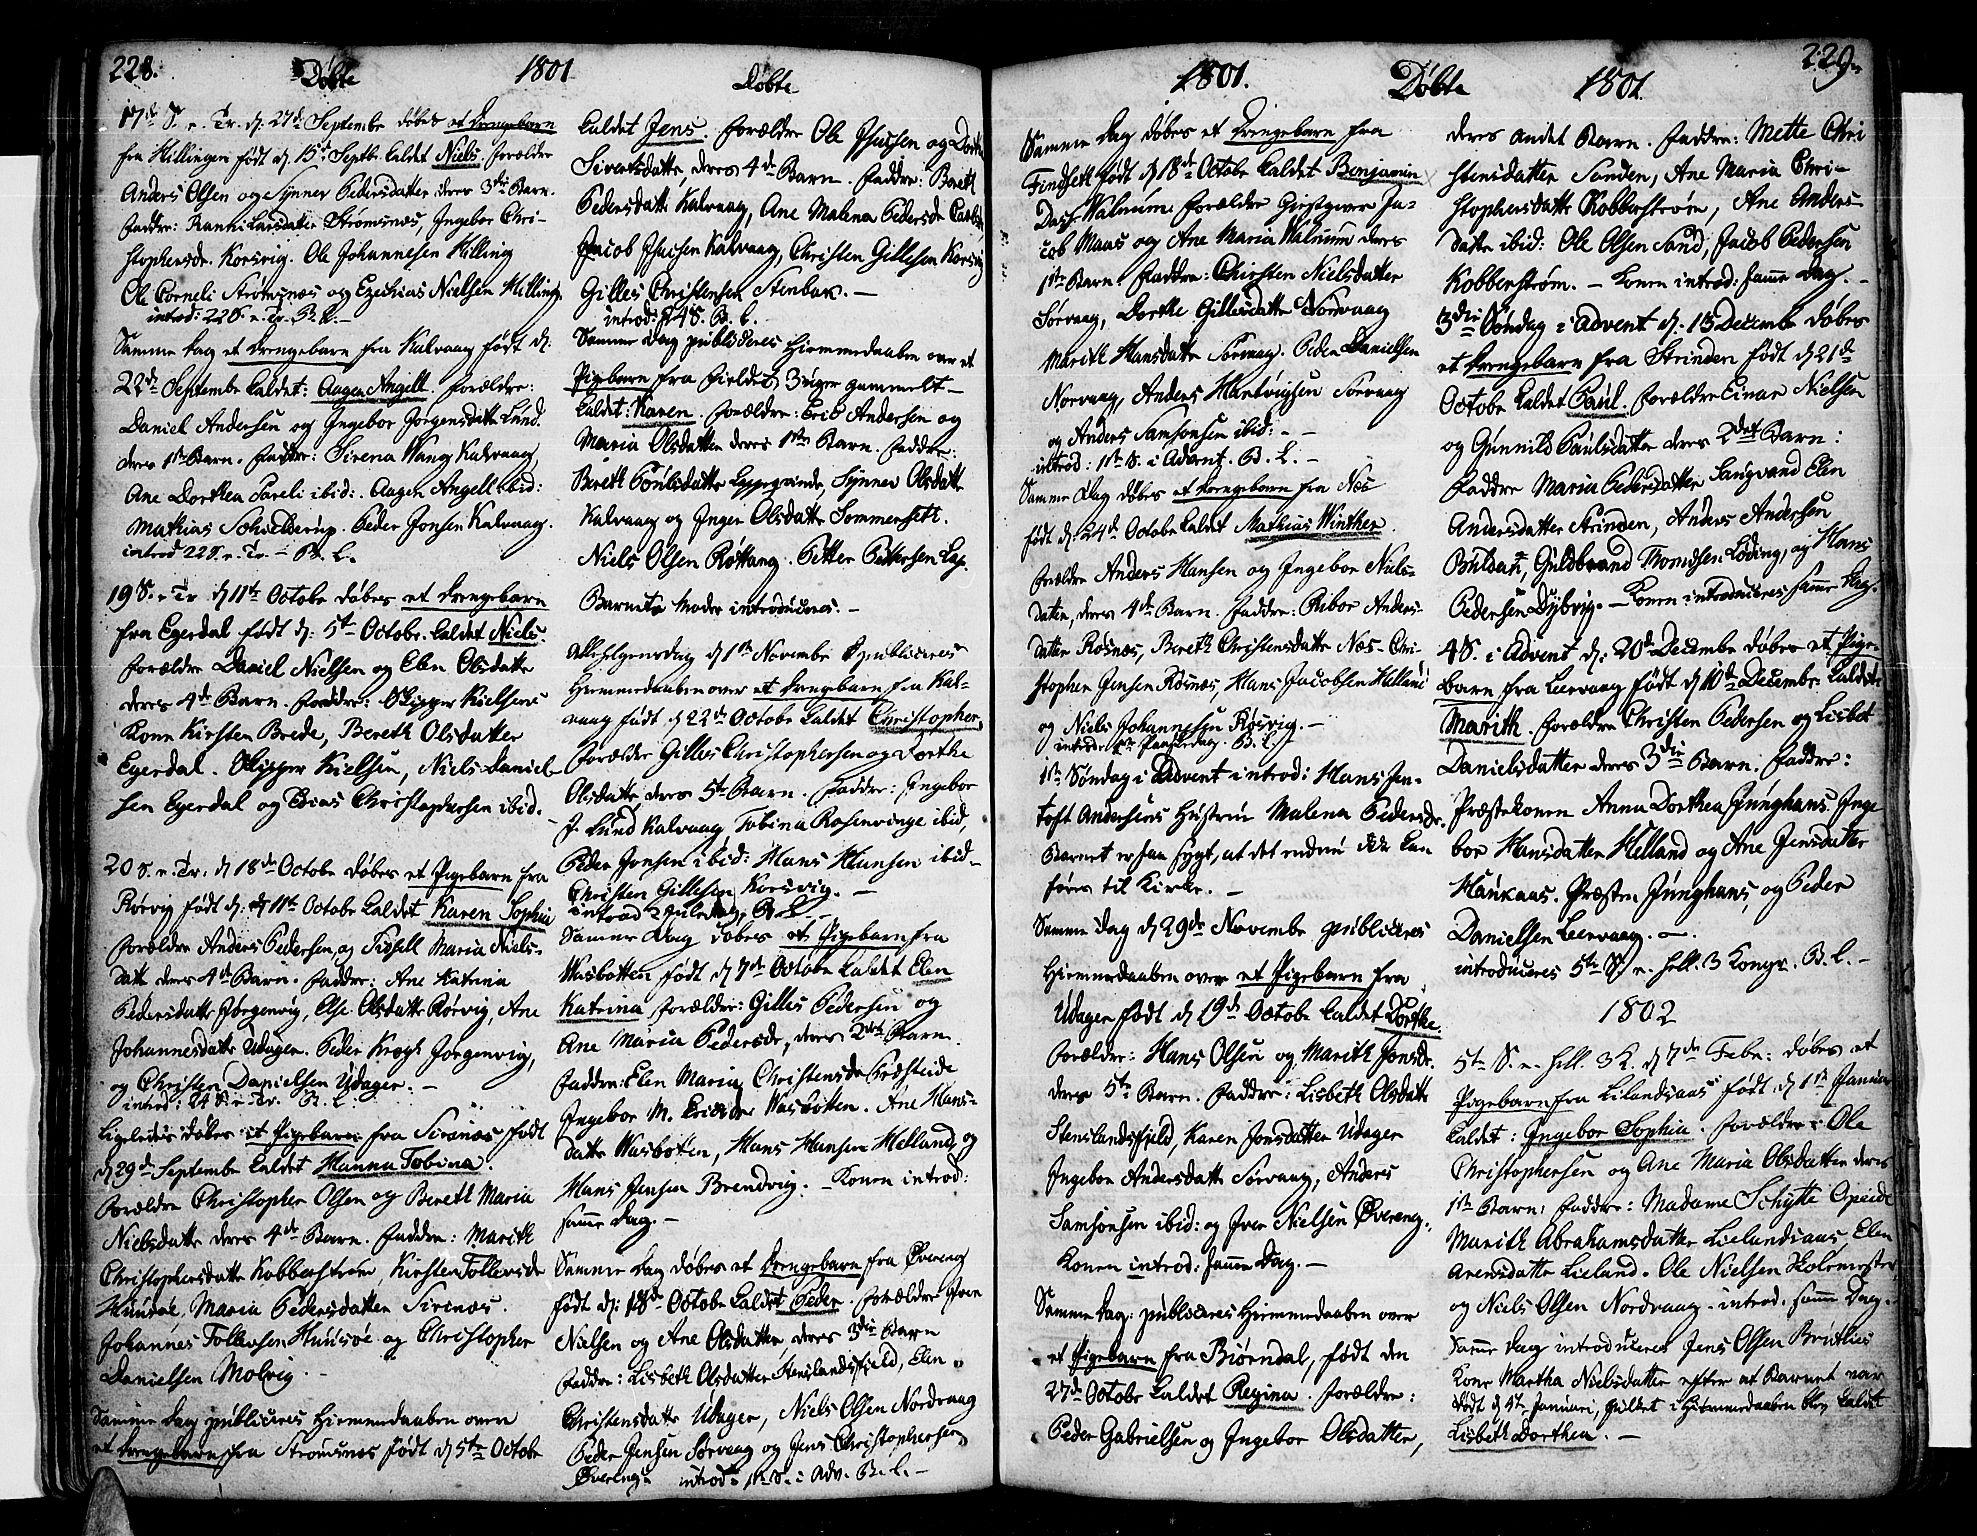 SAT, Ministerialprotokoller, klokkerbøker og fødselsregistre - Nordland, 859/L0841: Parish register (official) no. 859A01, 1766-1821, p. 228-229